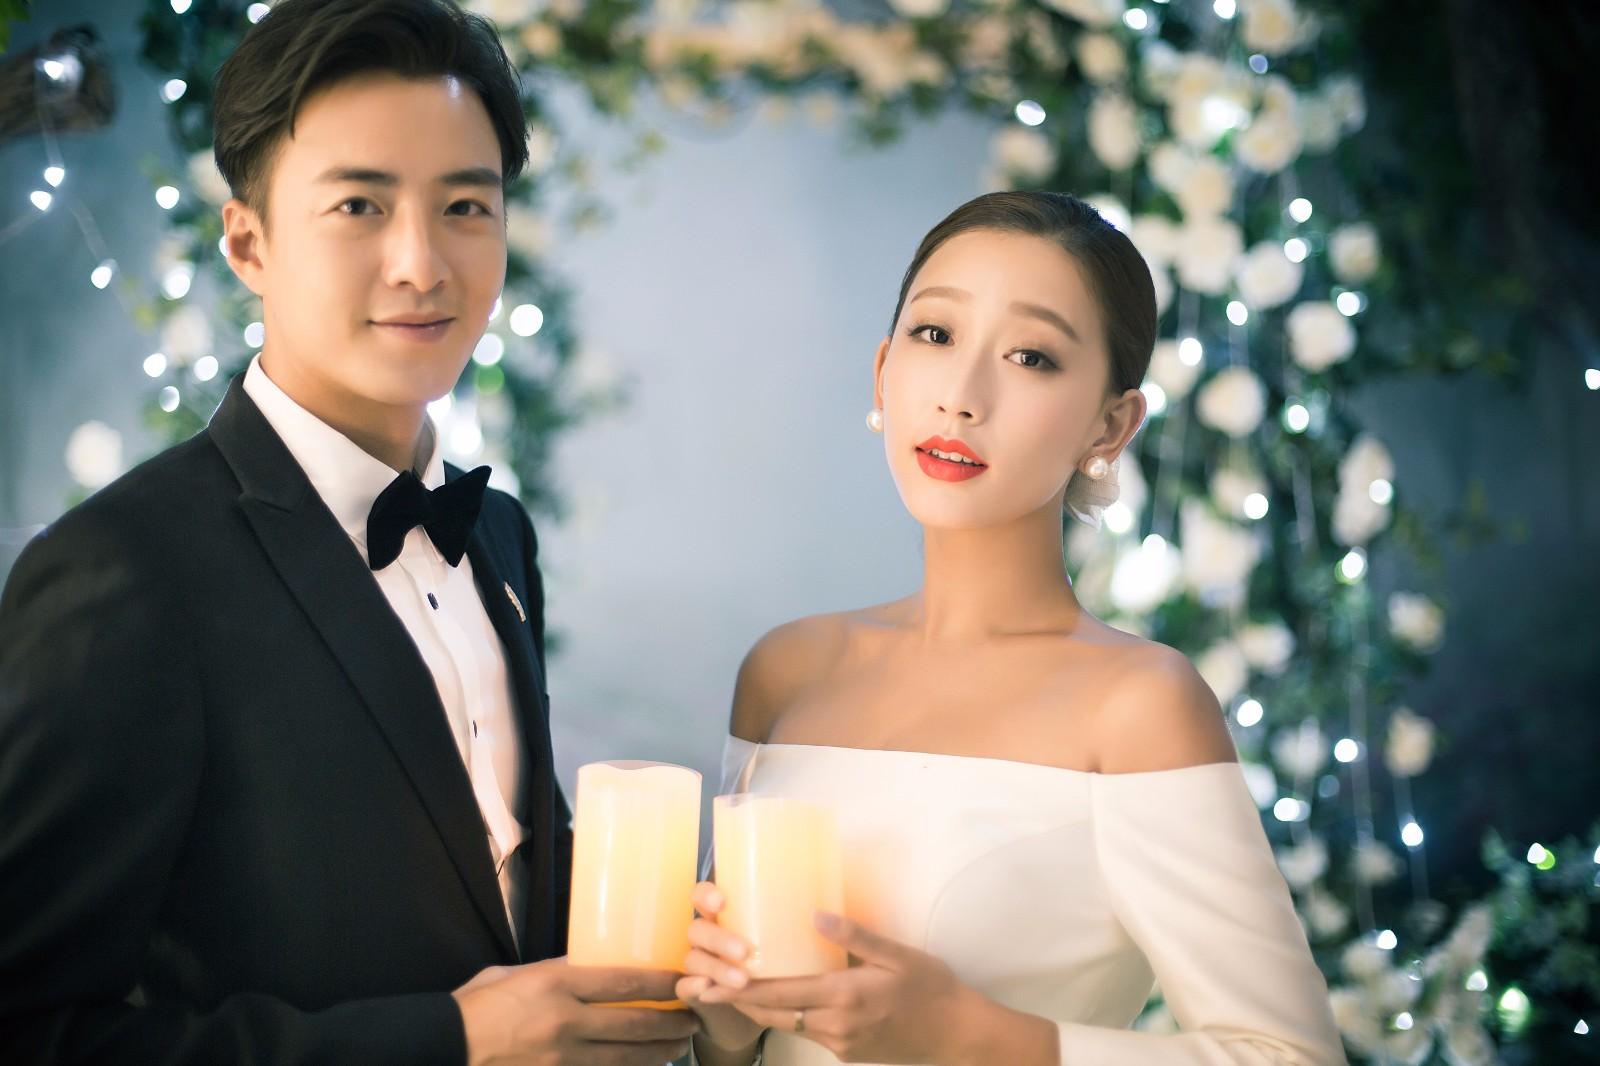 婚礼现场布置,主要是根据婚礼主题来进行的